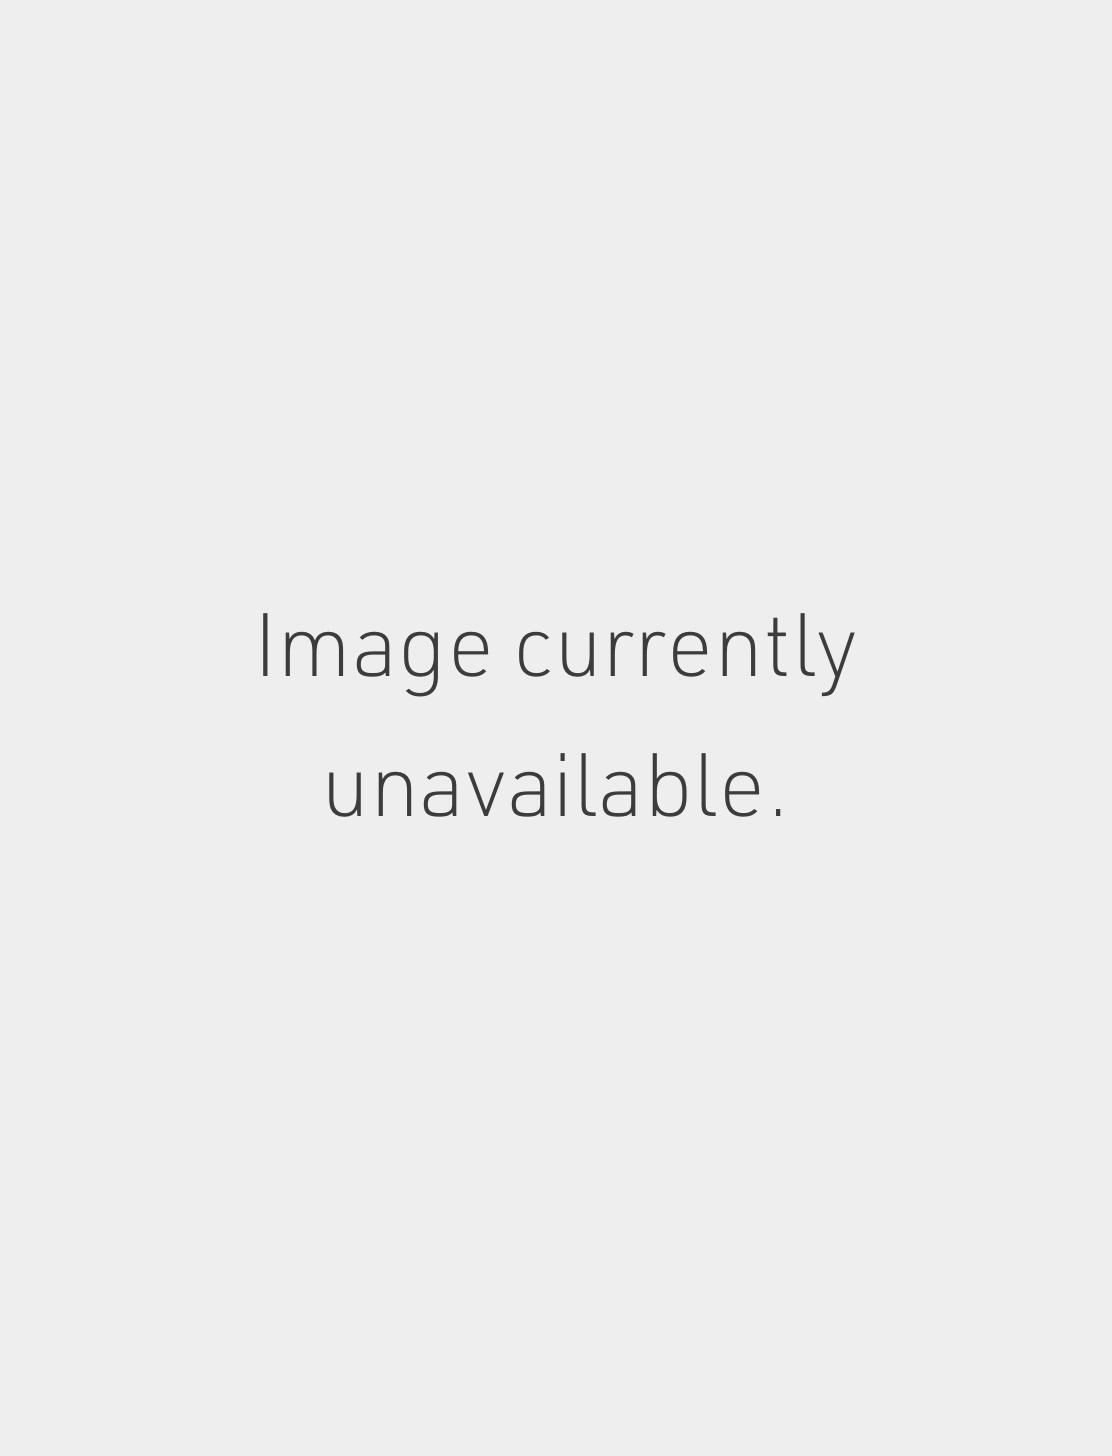 16g 8mm Titanium Hiranya Clicker UNCOLORED TI Image #2